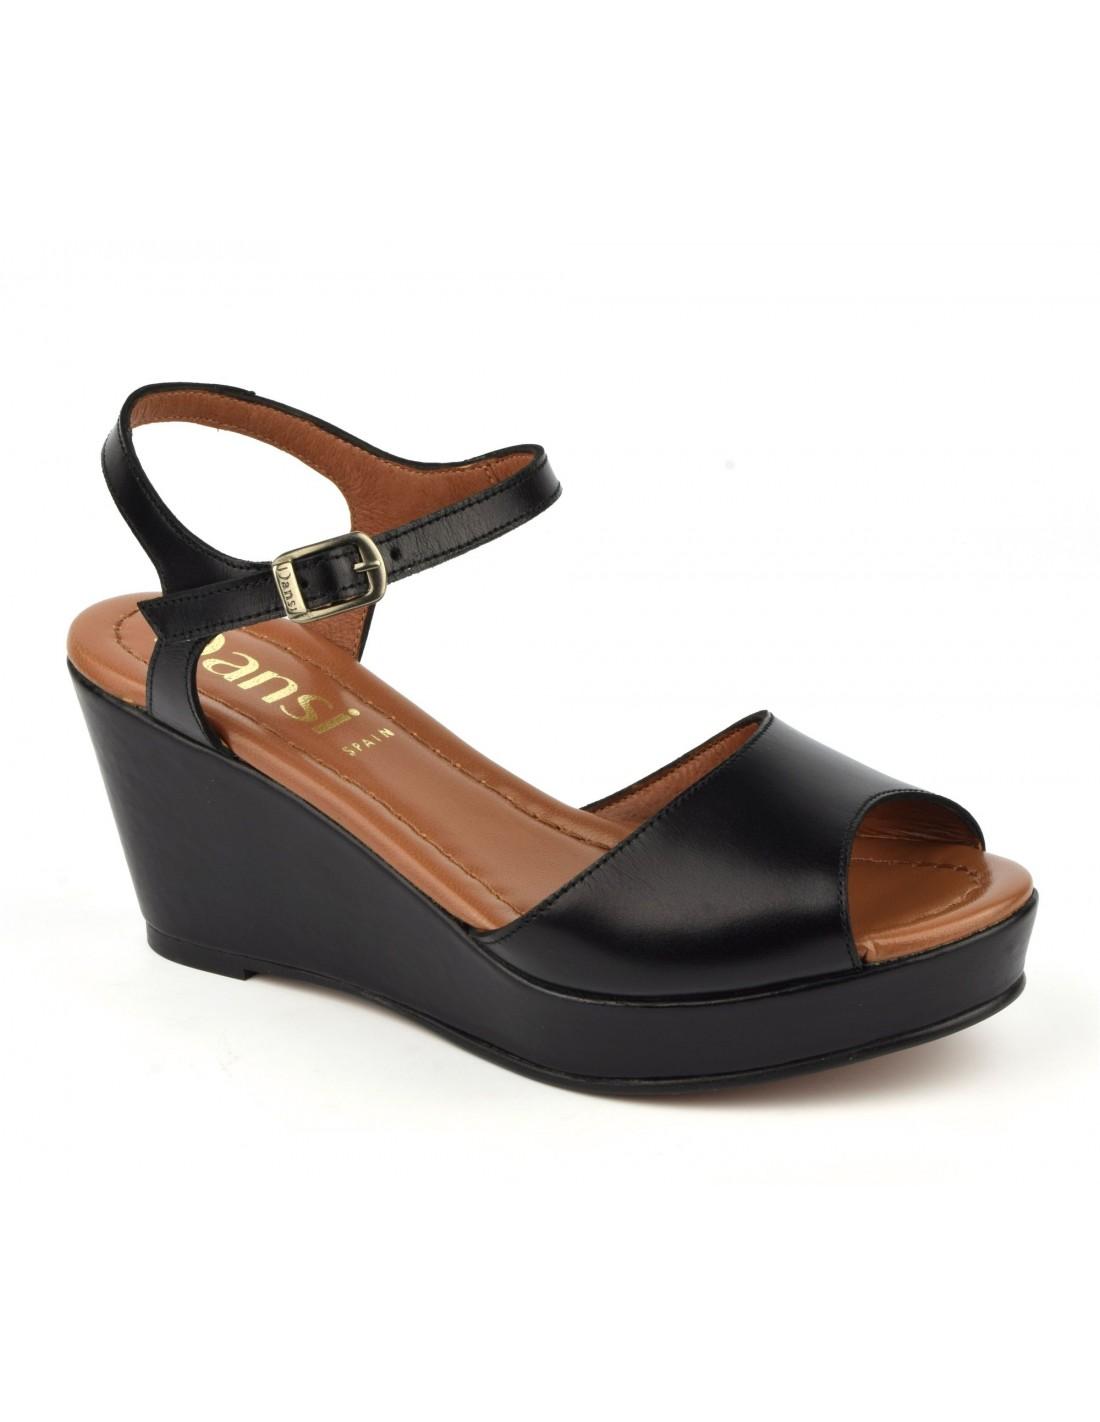 7f41e6e83caec5 Sandales compensées, cuir lisse noir, 8332, Dansi, chaussure femme petite  pointure